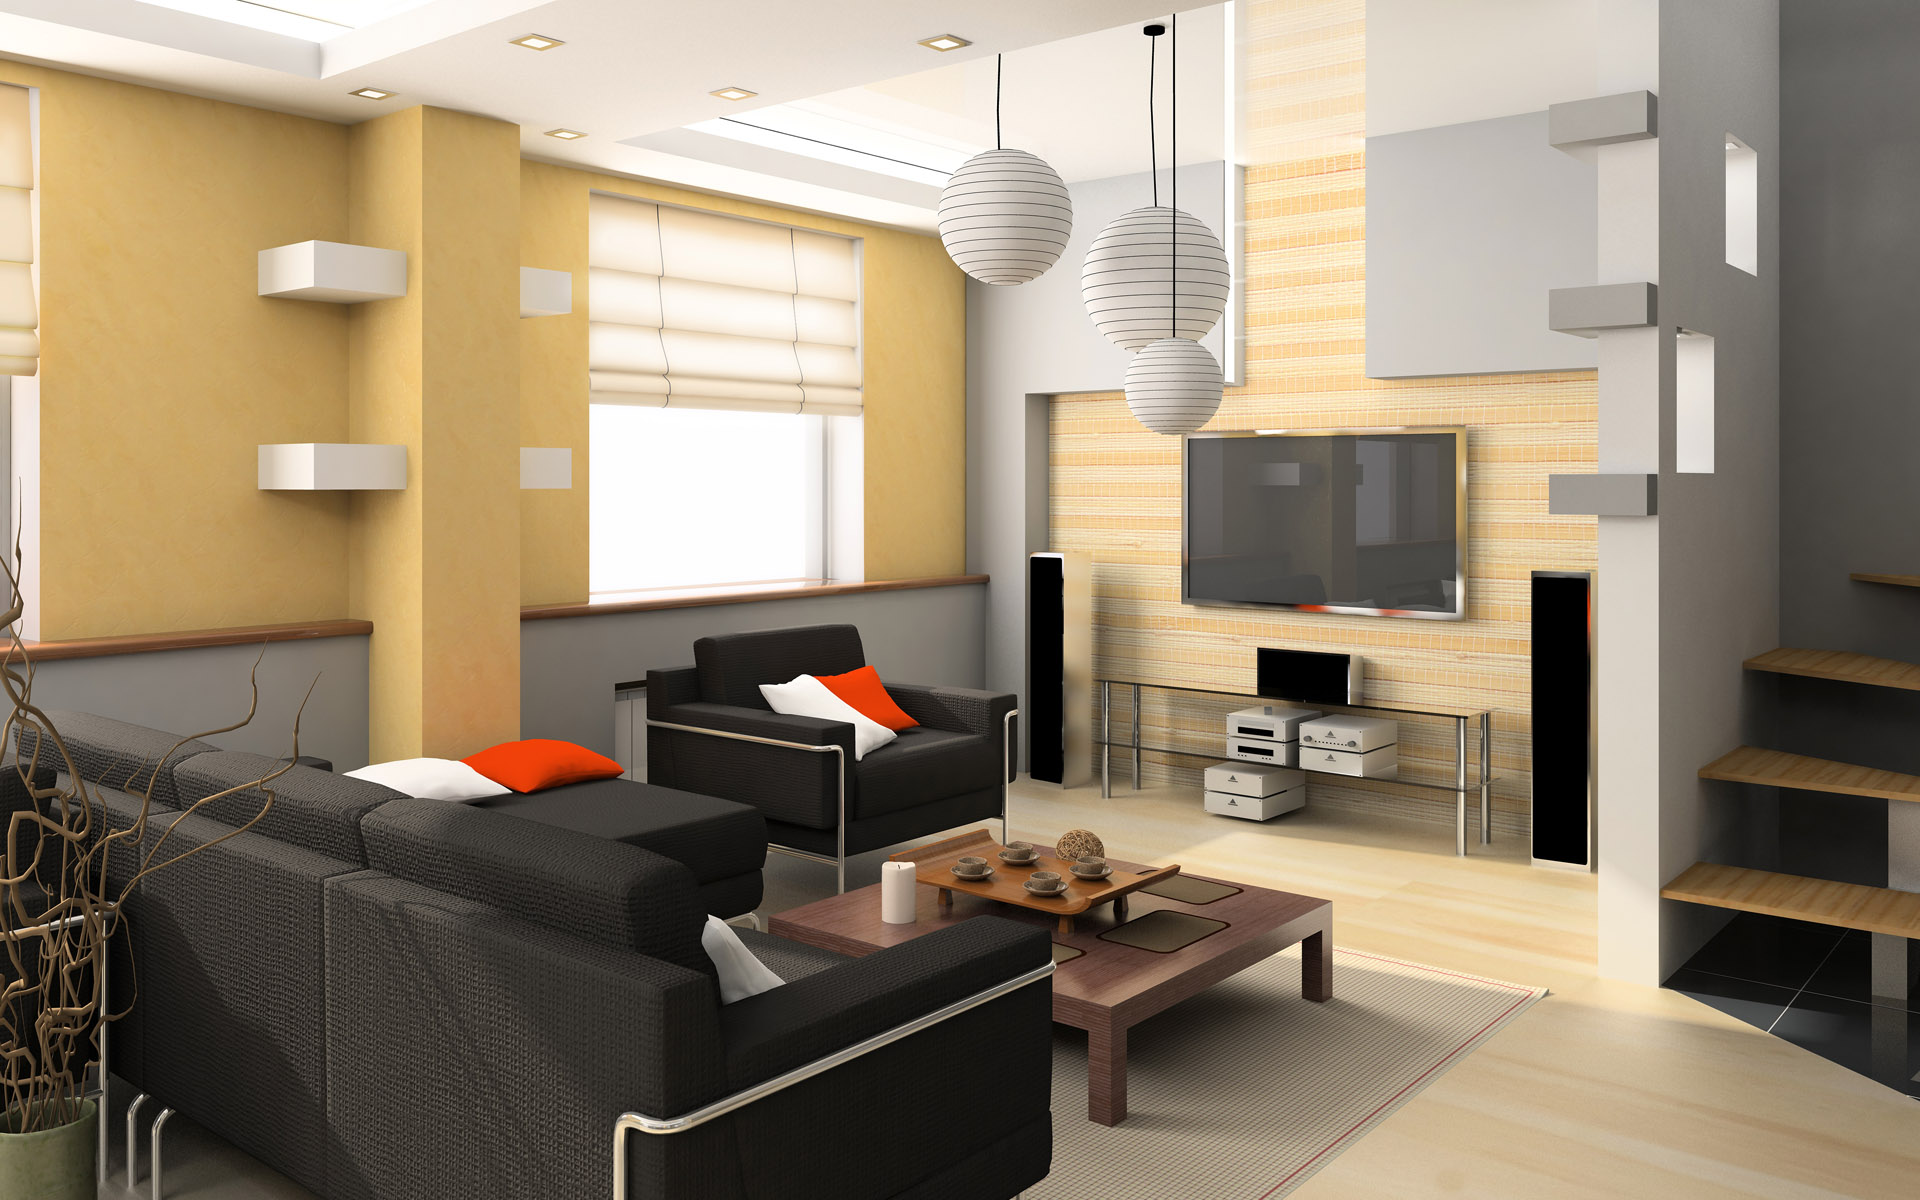 Дизайн интерьера фото в квартире